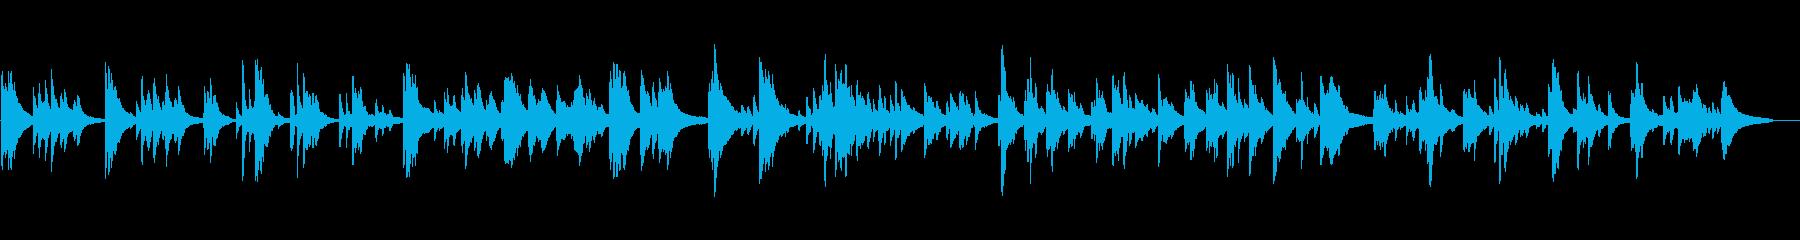 リラックスできる静かなピアノメロディーの再生済みの波形